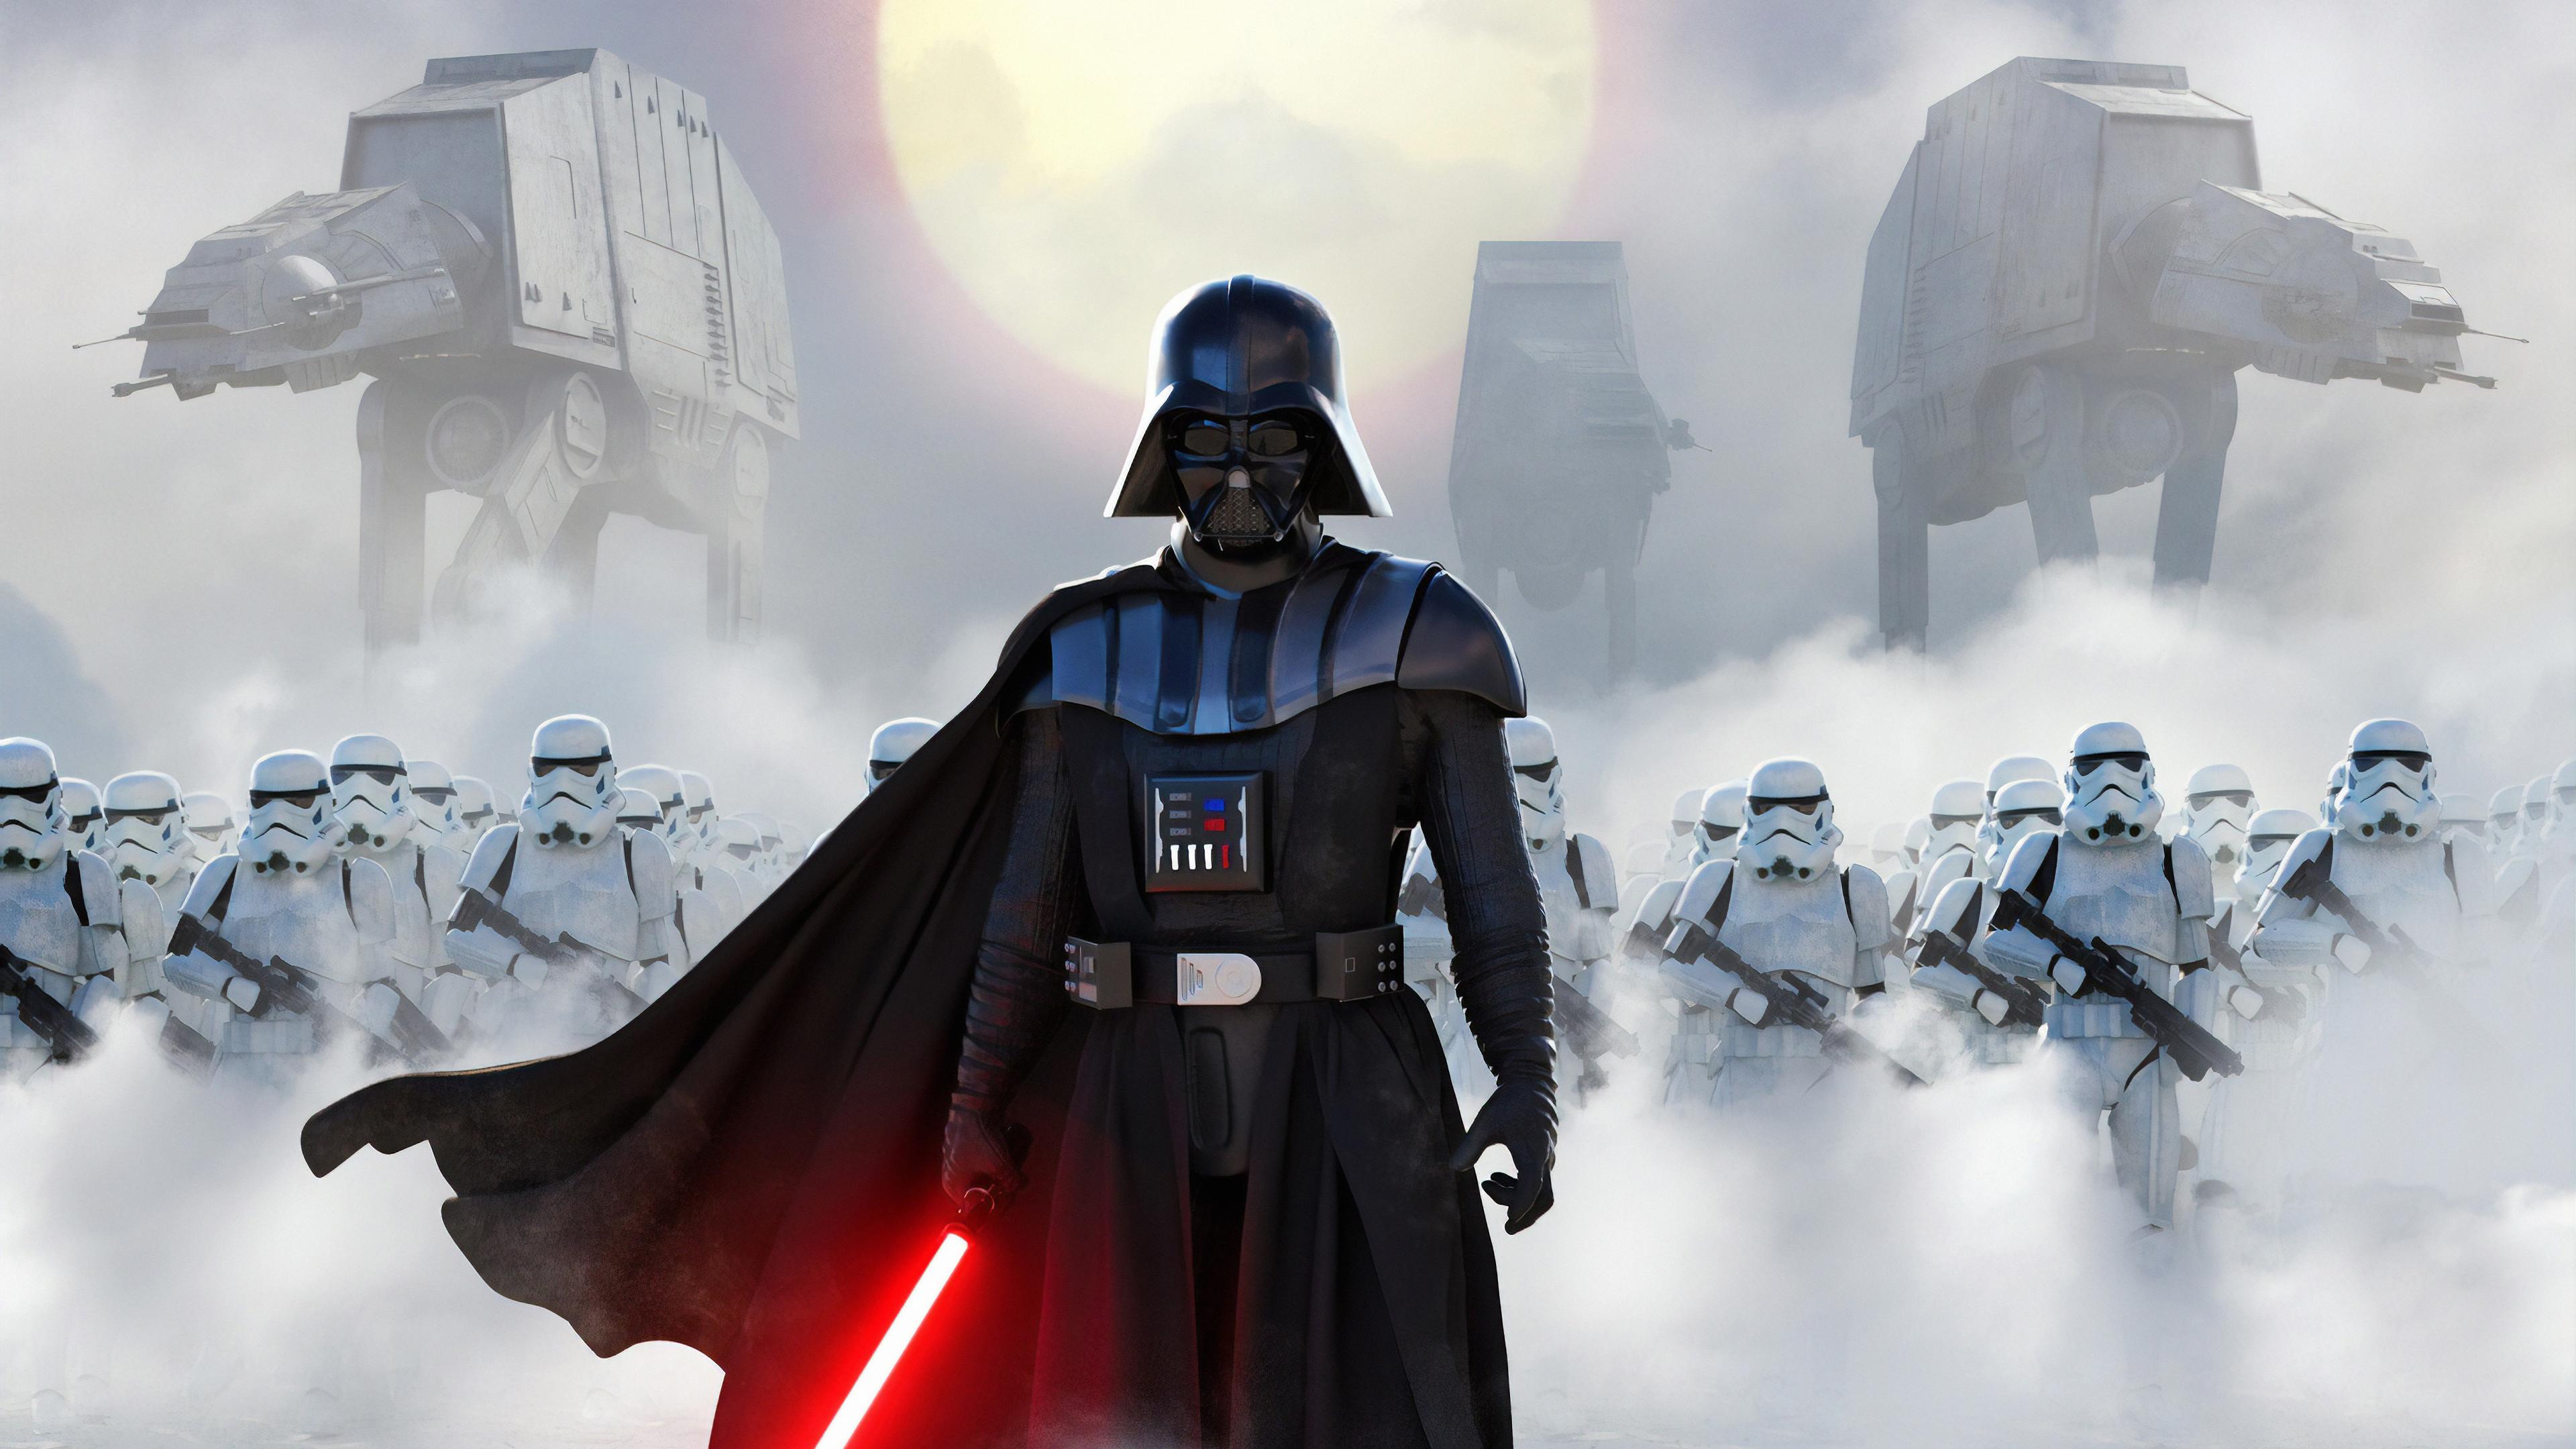 Wallpaper 4k Darth Vader 4k Wallpapers Artstation Wallpapers Artwork Wallpapers Darth Vader Wallpapers Hd Wallpapers Movies Wallpapers Star Wars Wallpapers